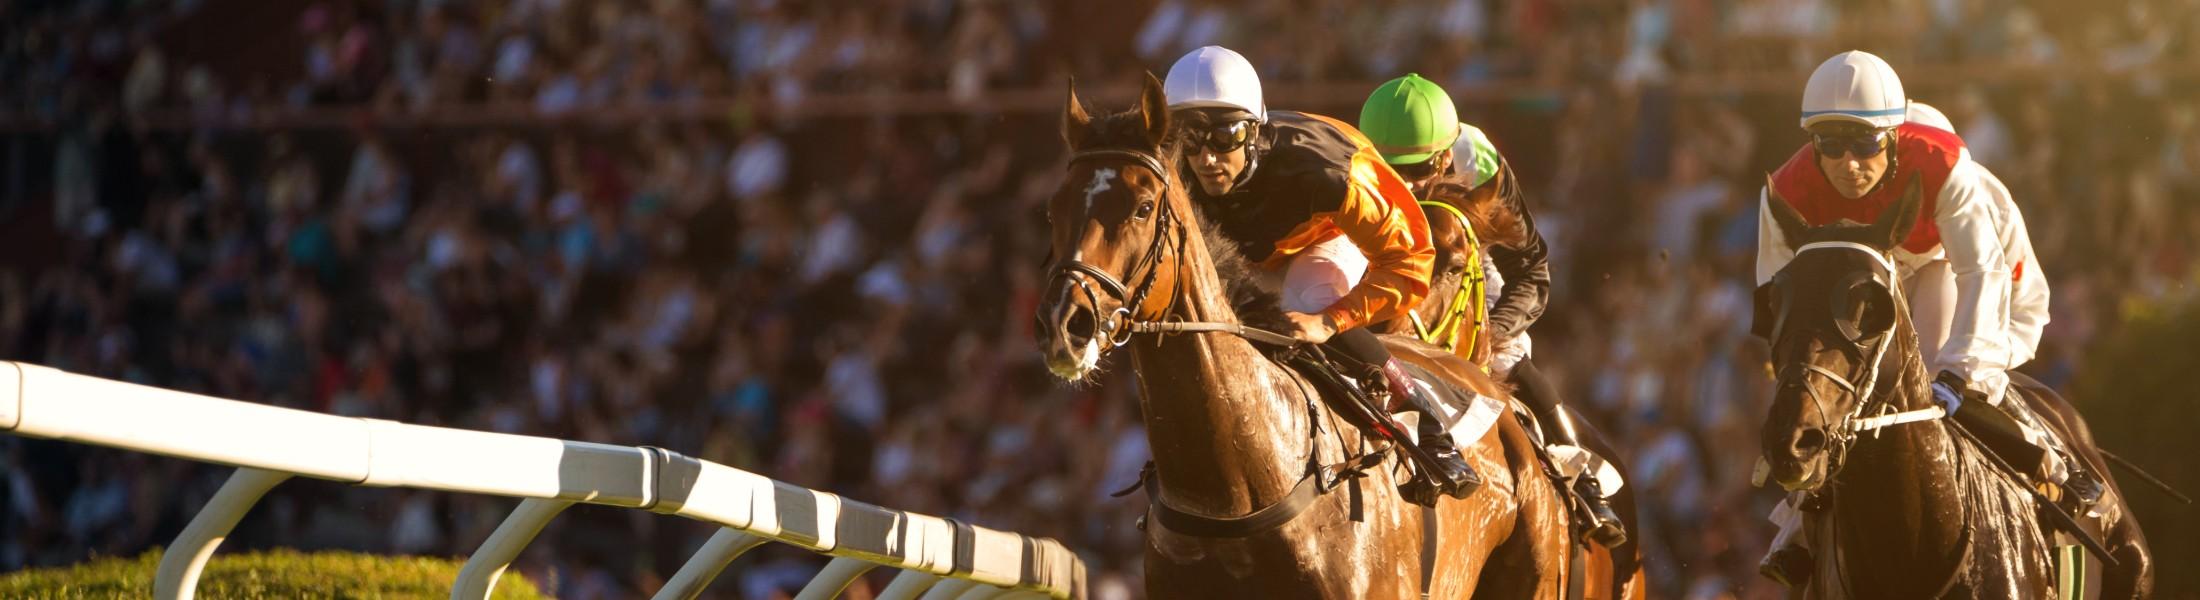 Jockeys on horses at the trck